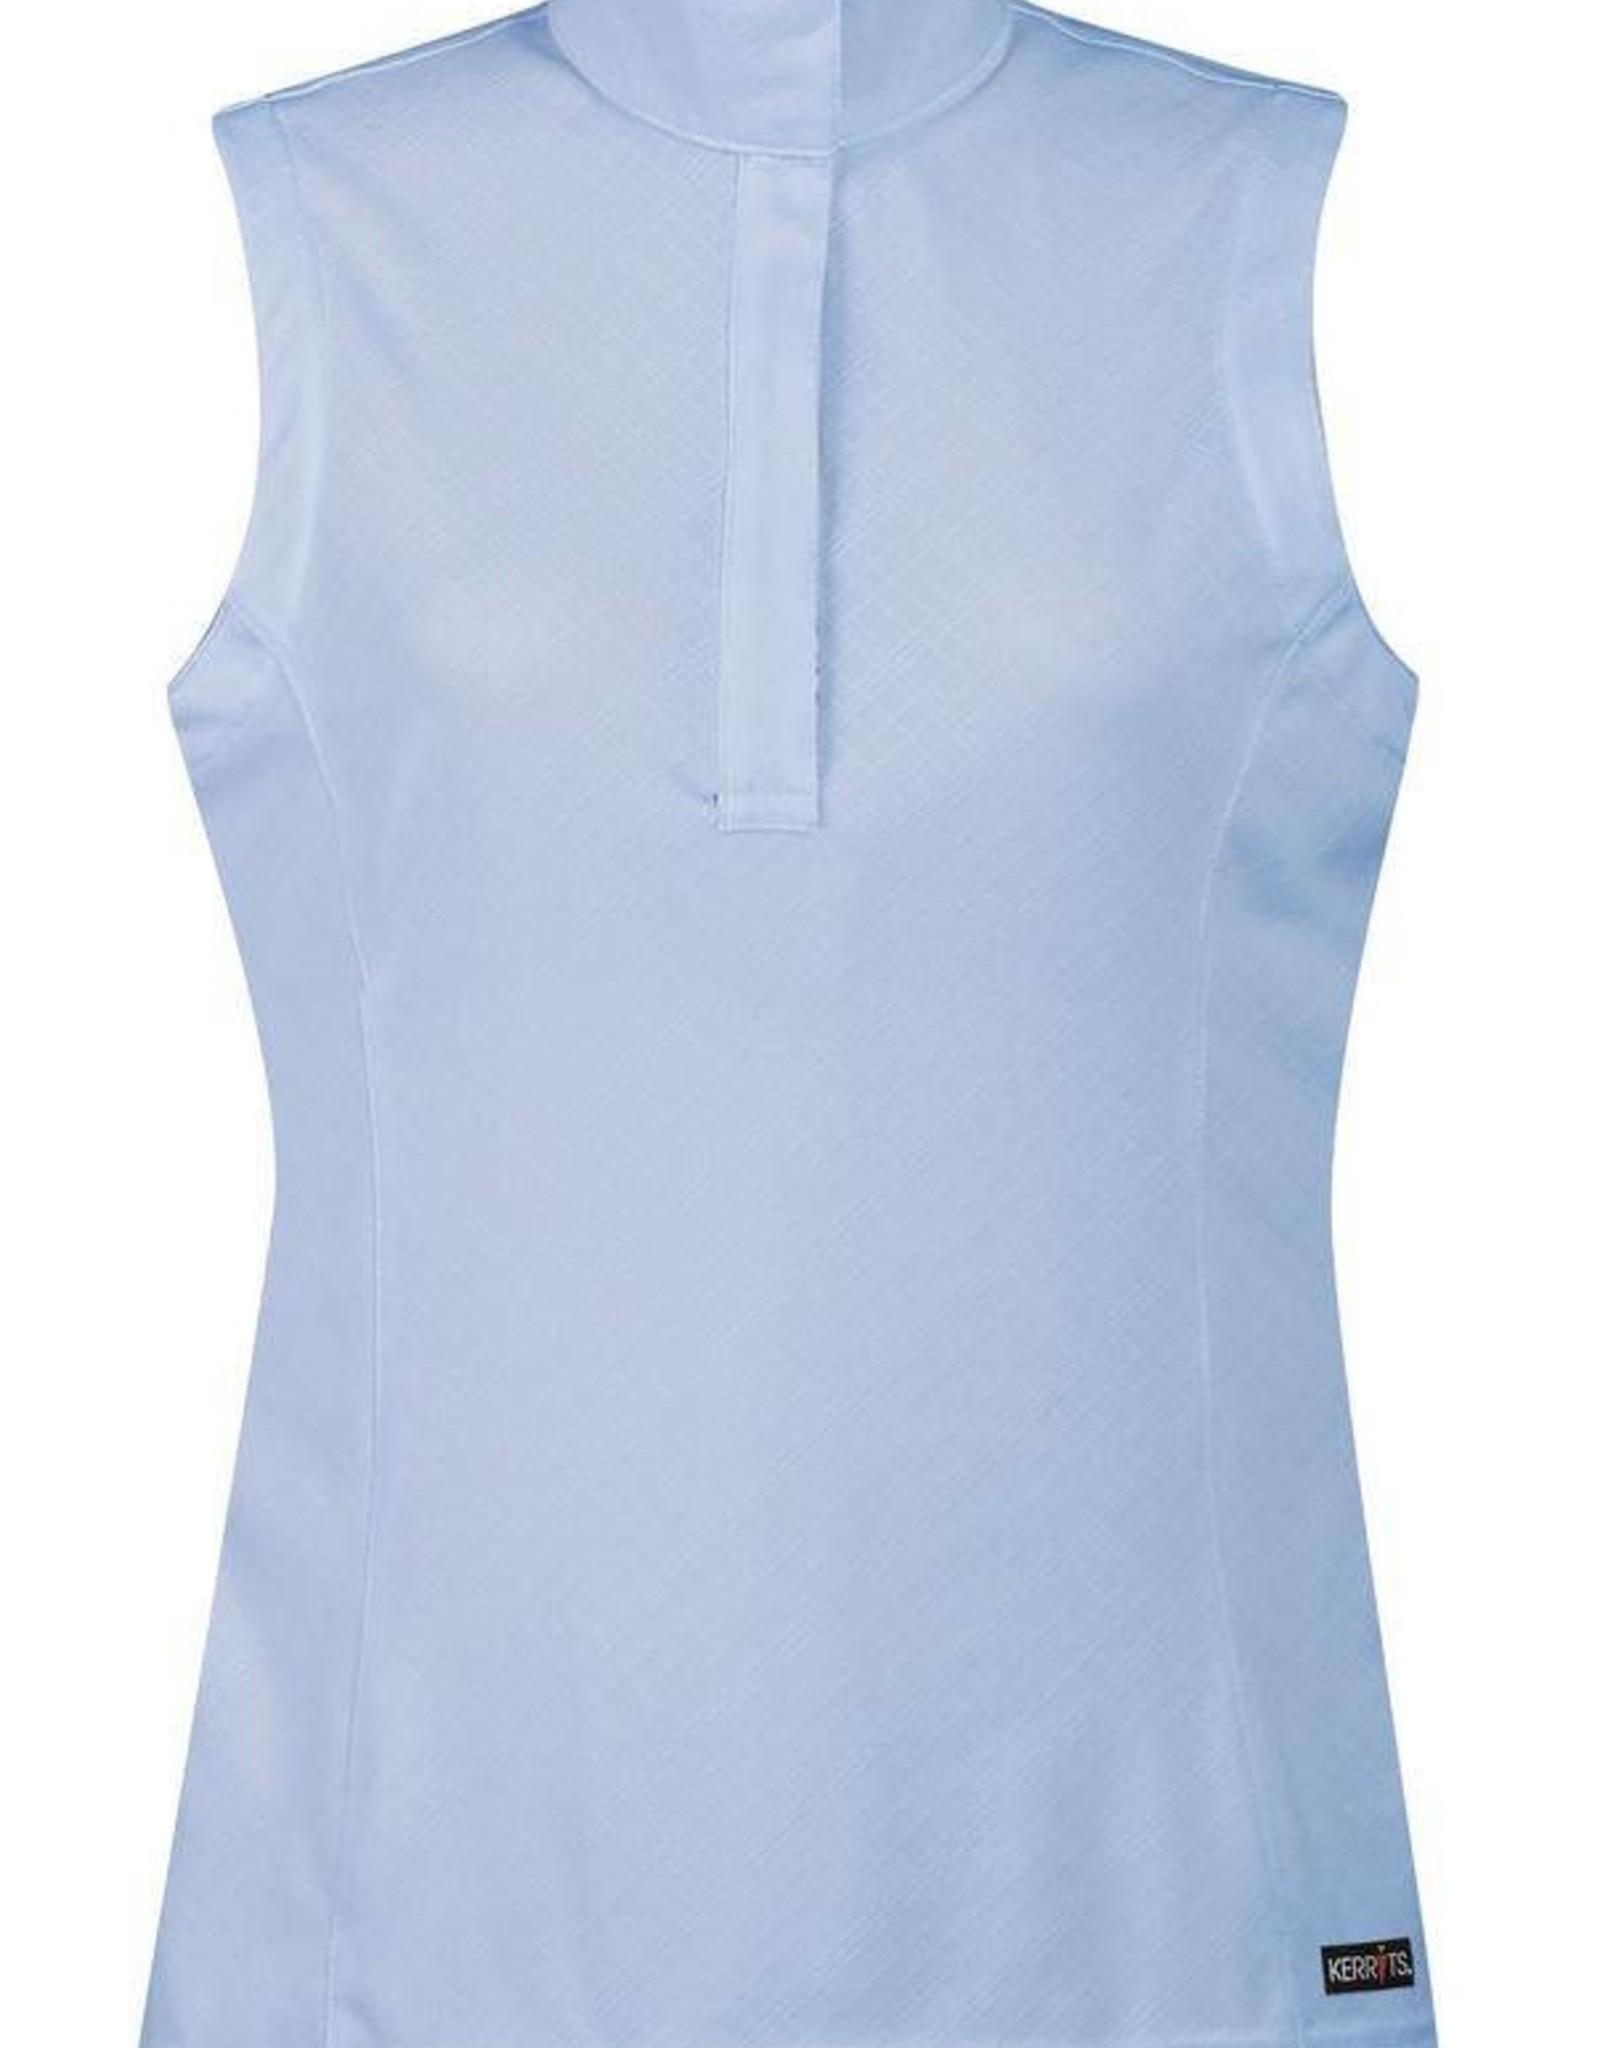 Kerrits Ladies' Spectrum Sleeveless Show Shirt